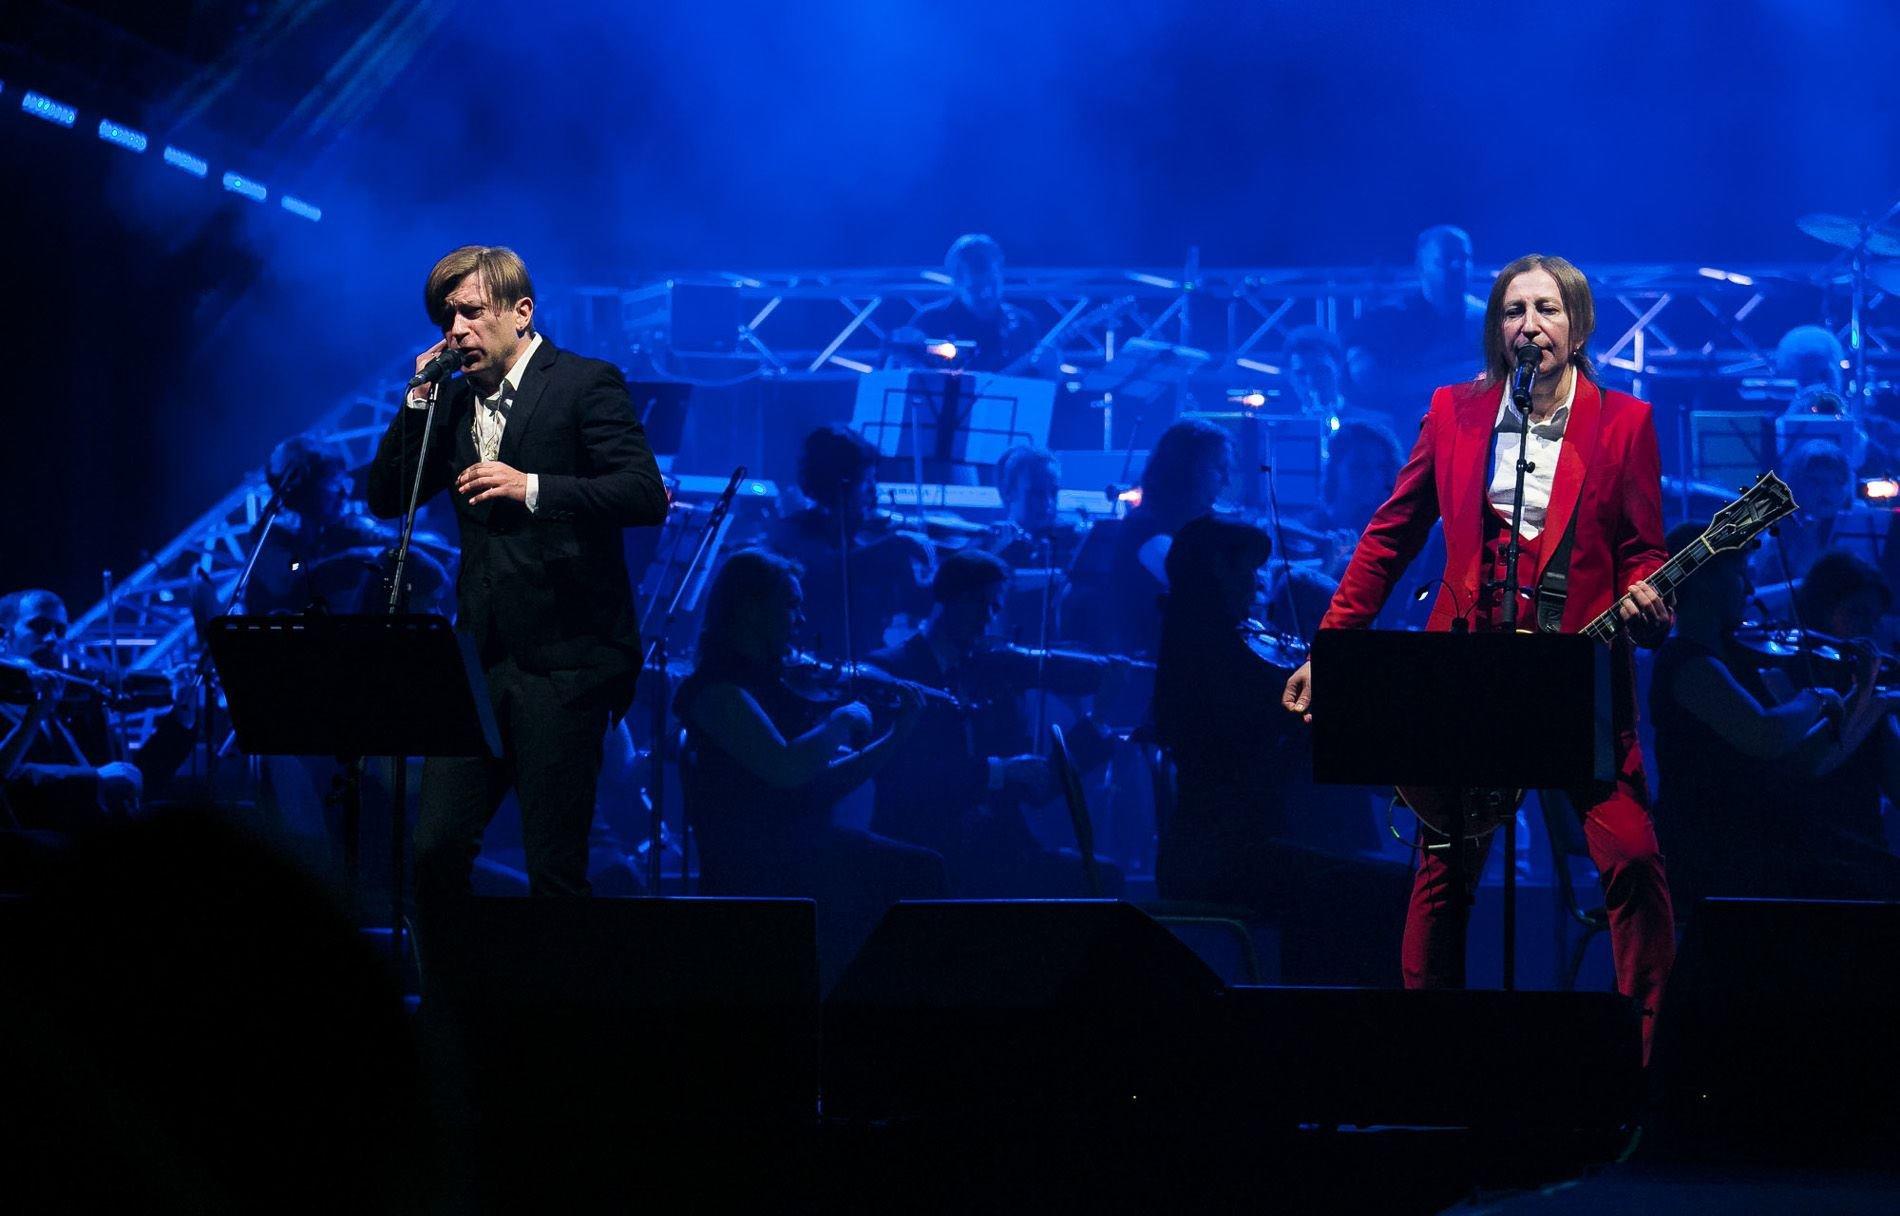 Группа Би-2 перенесла концерт во Владимире на 4 марта из-за траура